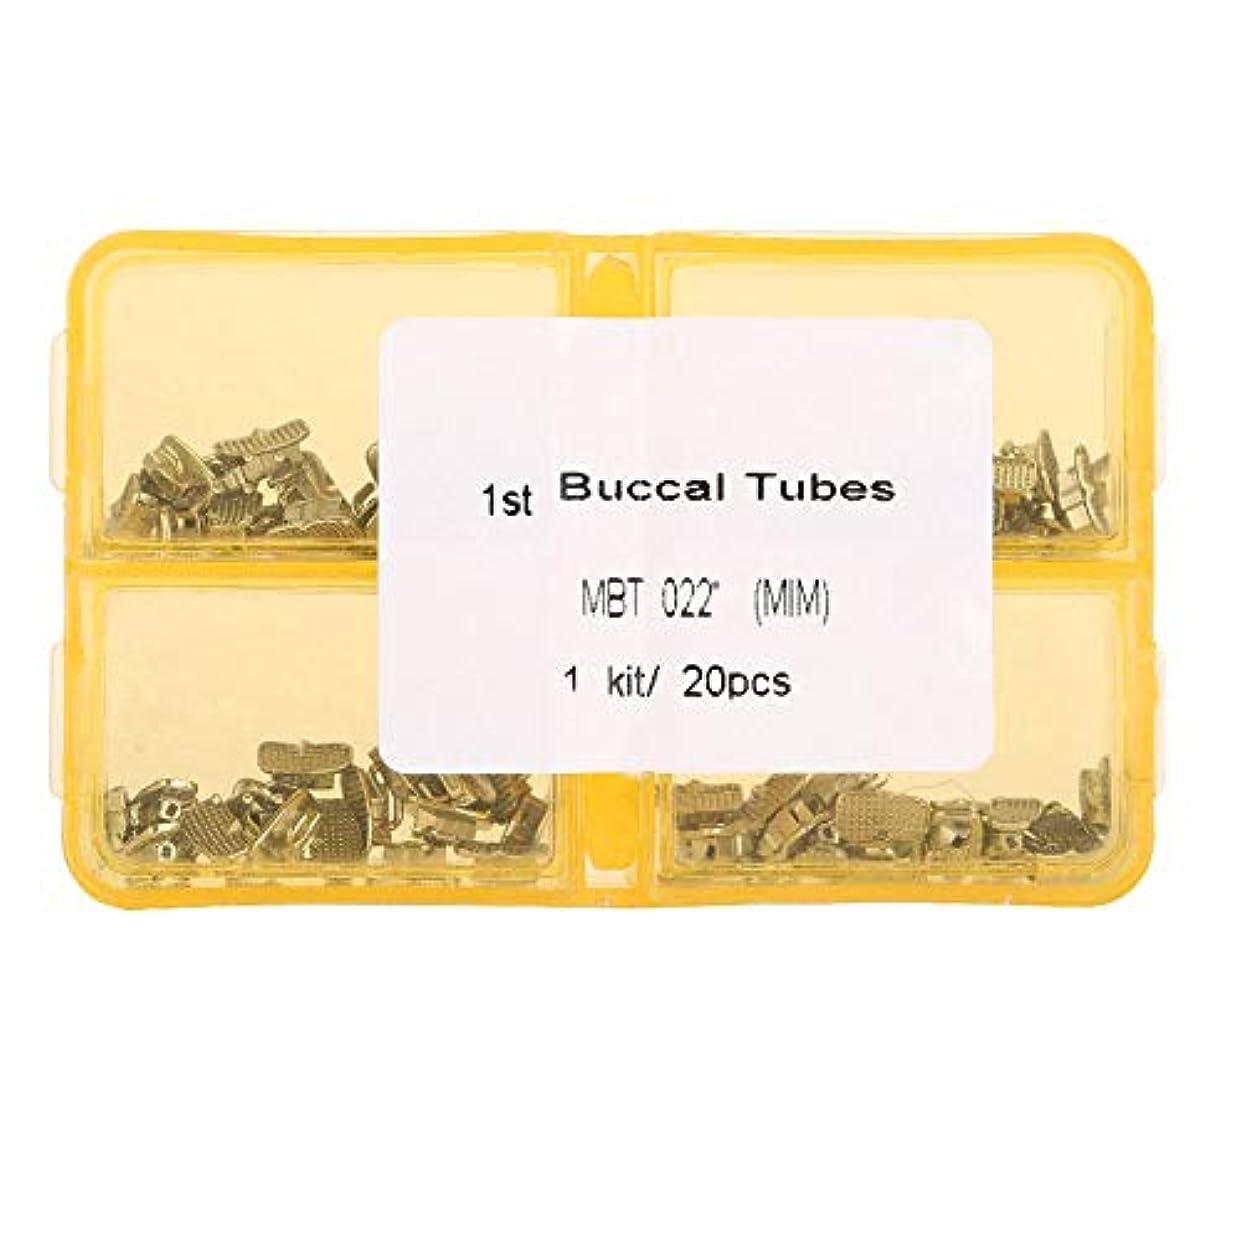 乳排出セーブNitrip 歯科矯正チューブ 第1臼歯 ロスシングルバッカルチューブ ステンレス 80pcs